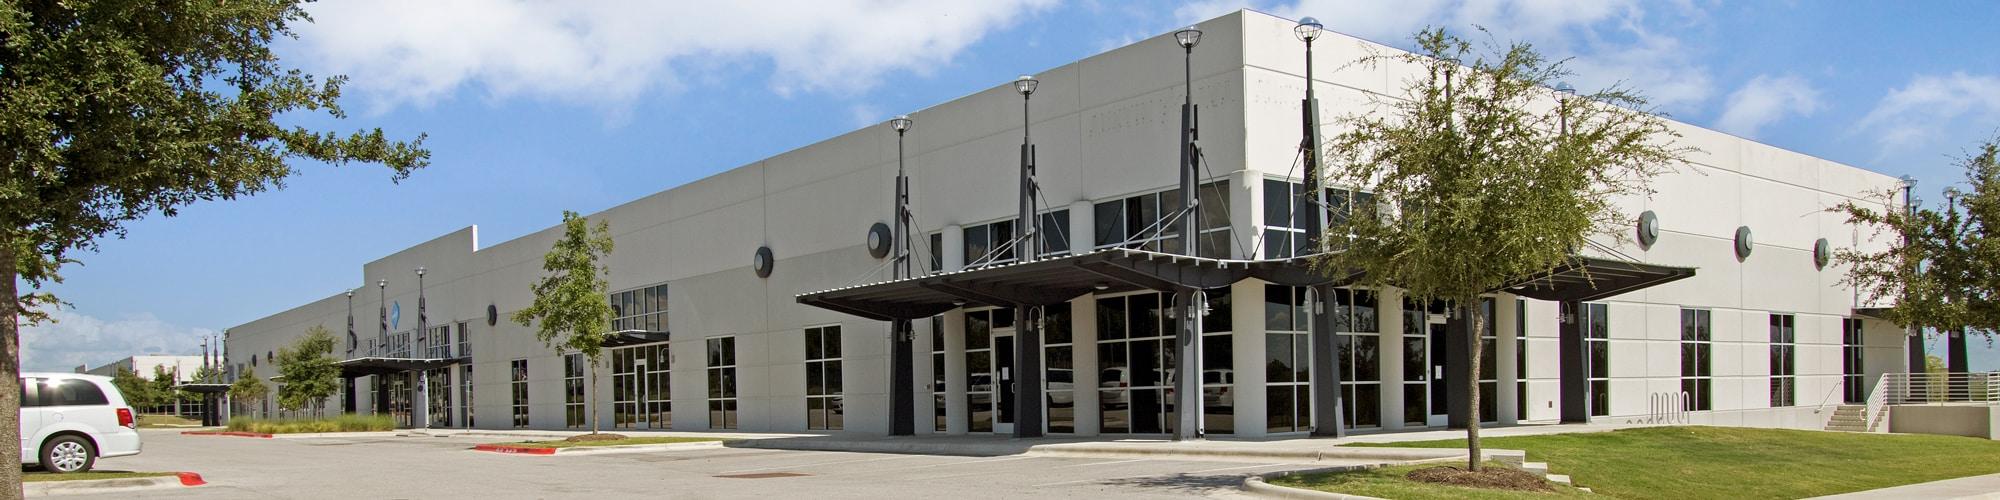 MetCenter II -Building-12-3